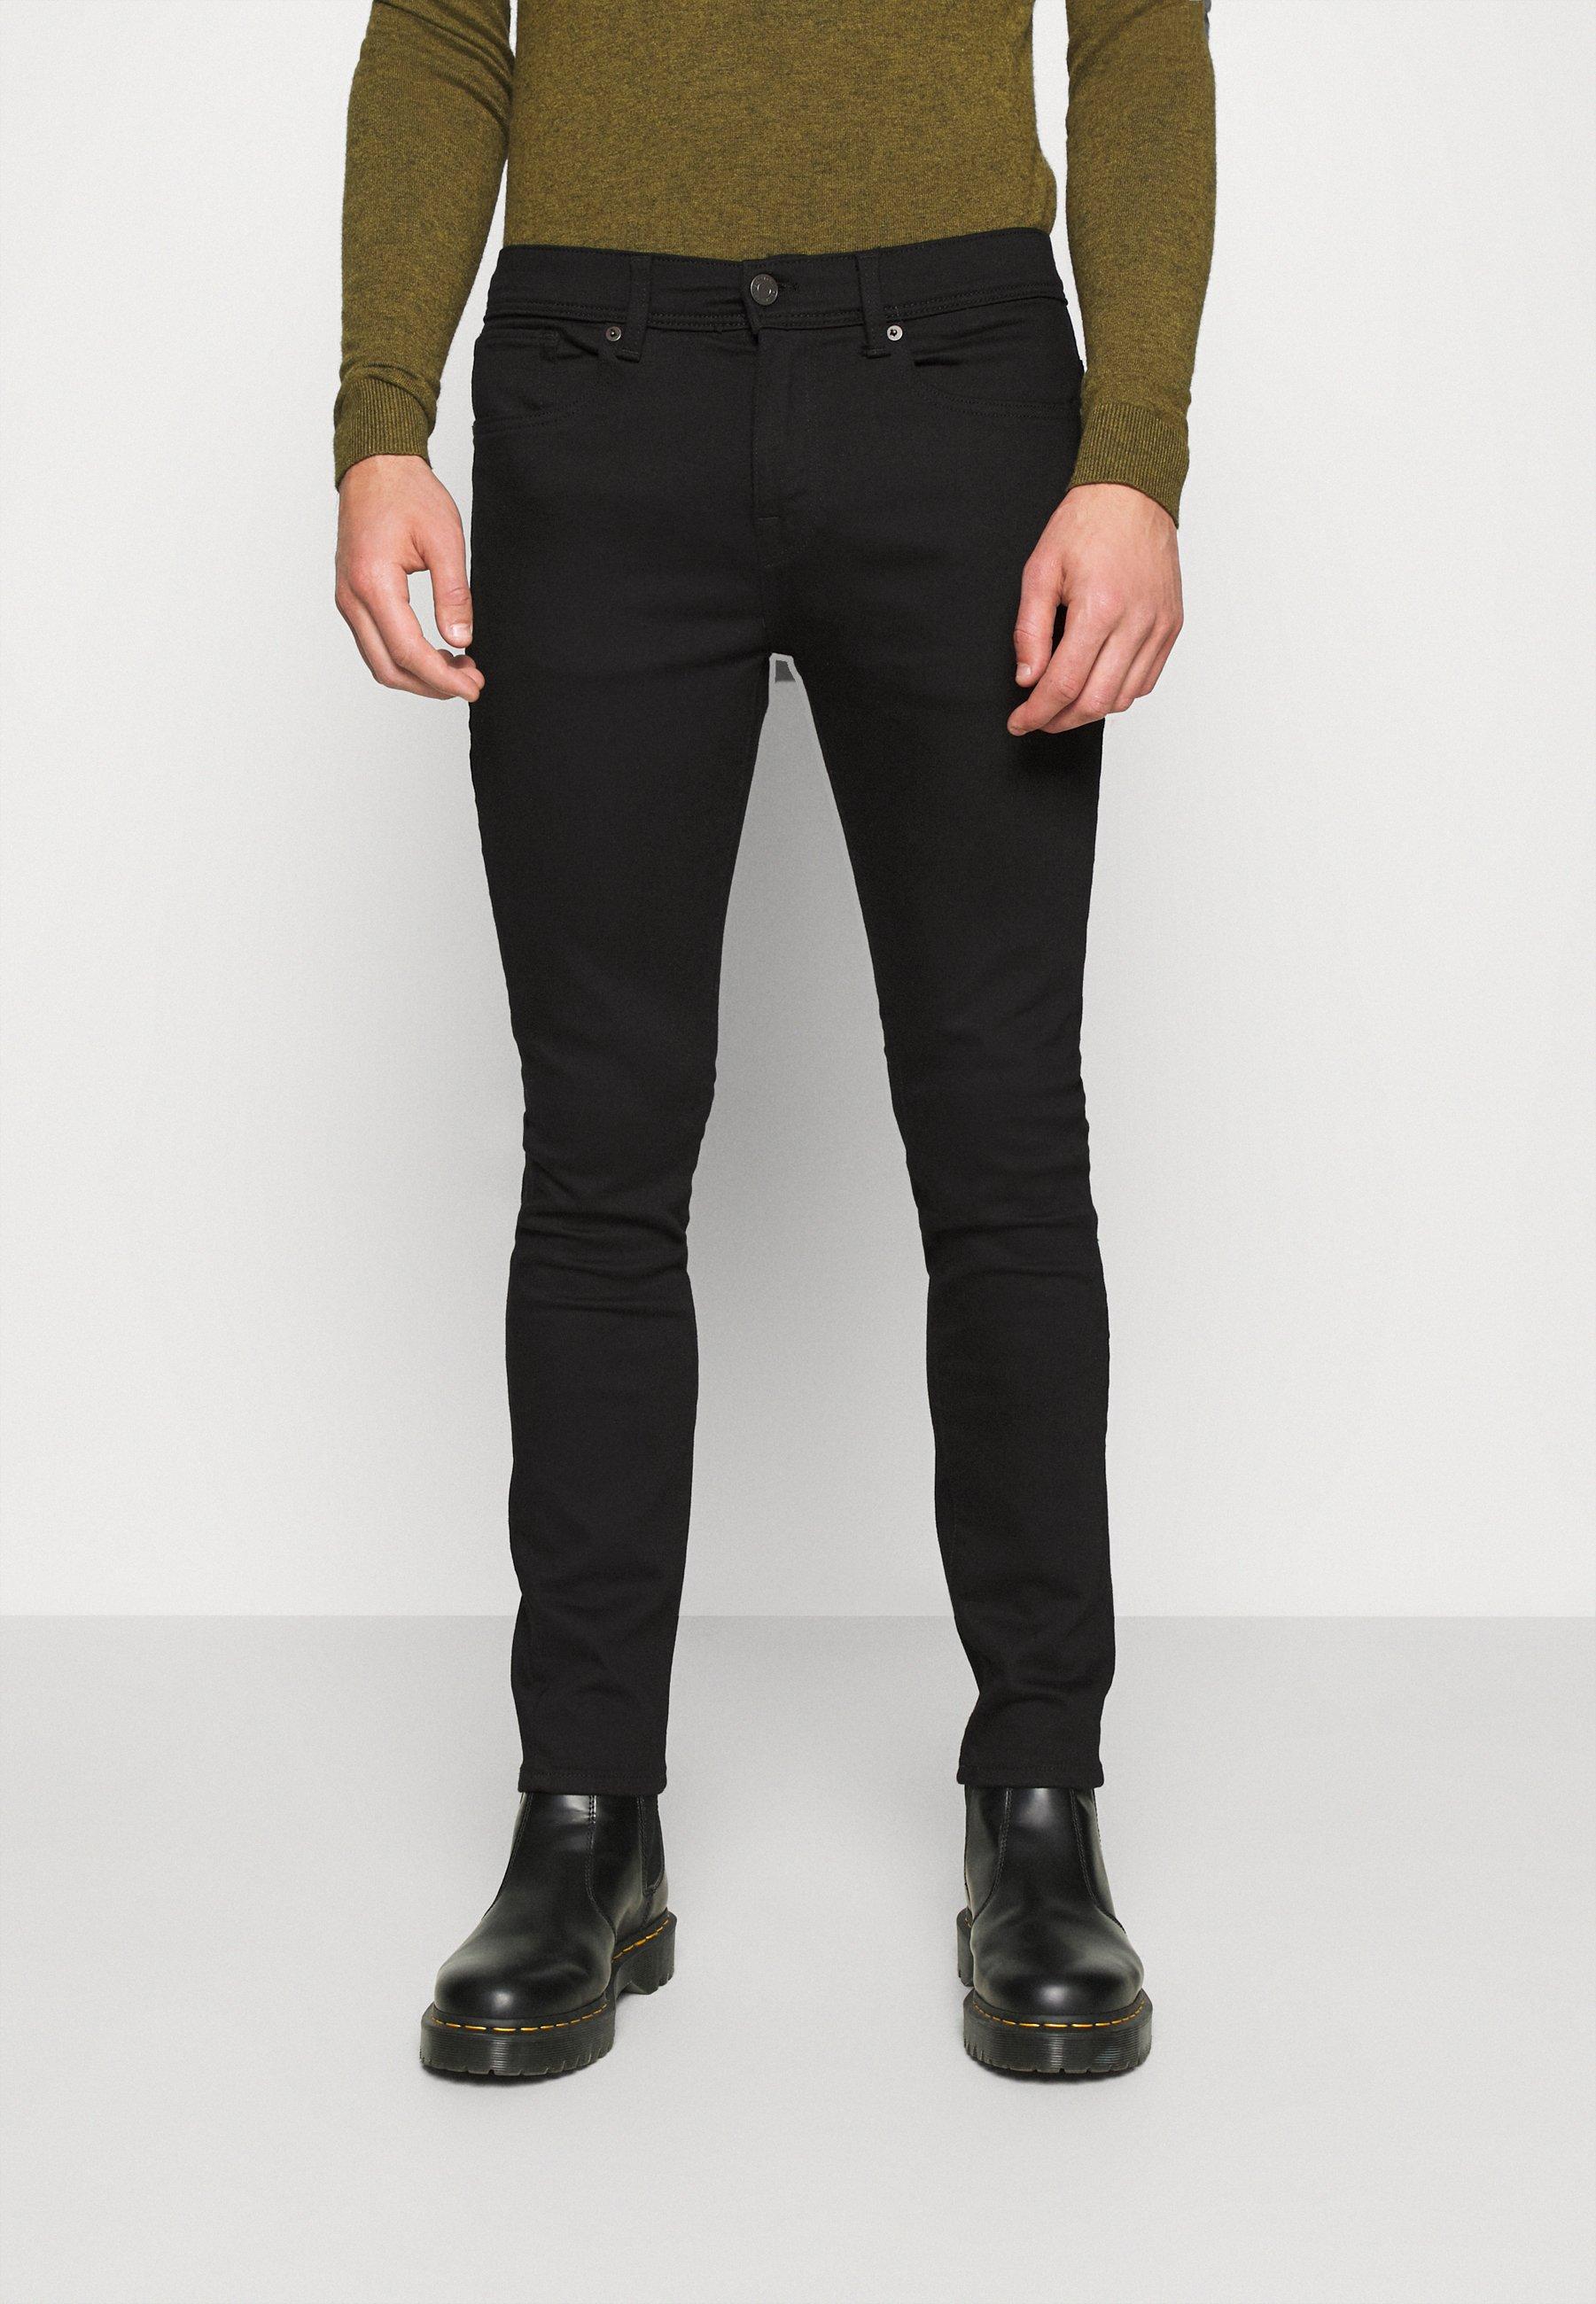 Uomo SLHSLIM LEON - Jeans slim fit - black